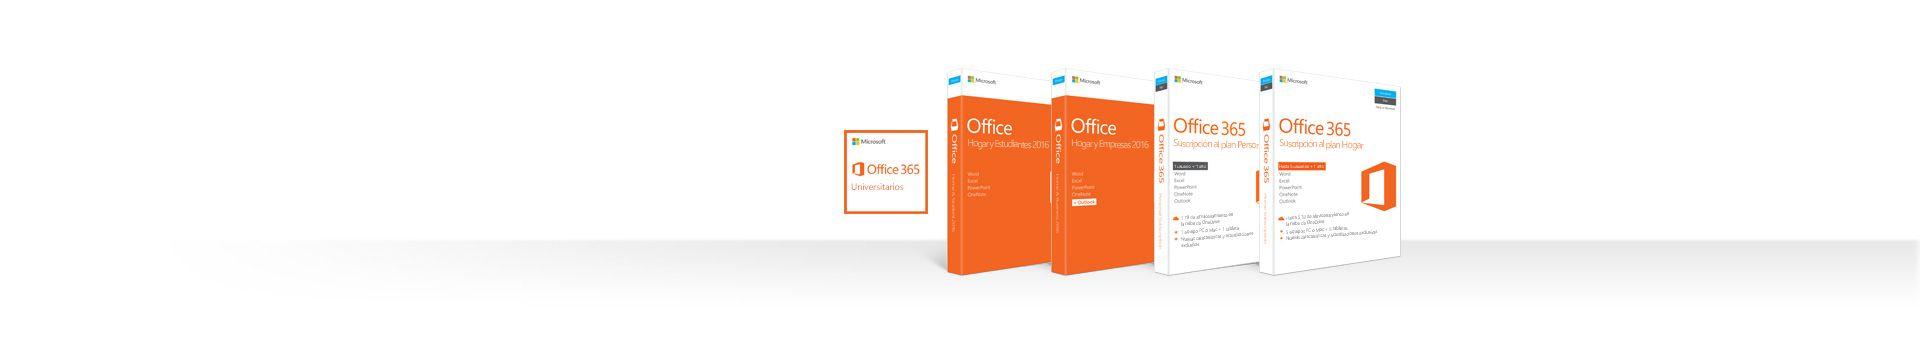 Una fila de cuadros de productos de Office 2016 y Office 365 para equipos Mac